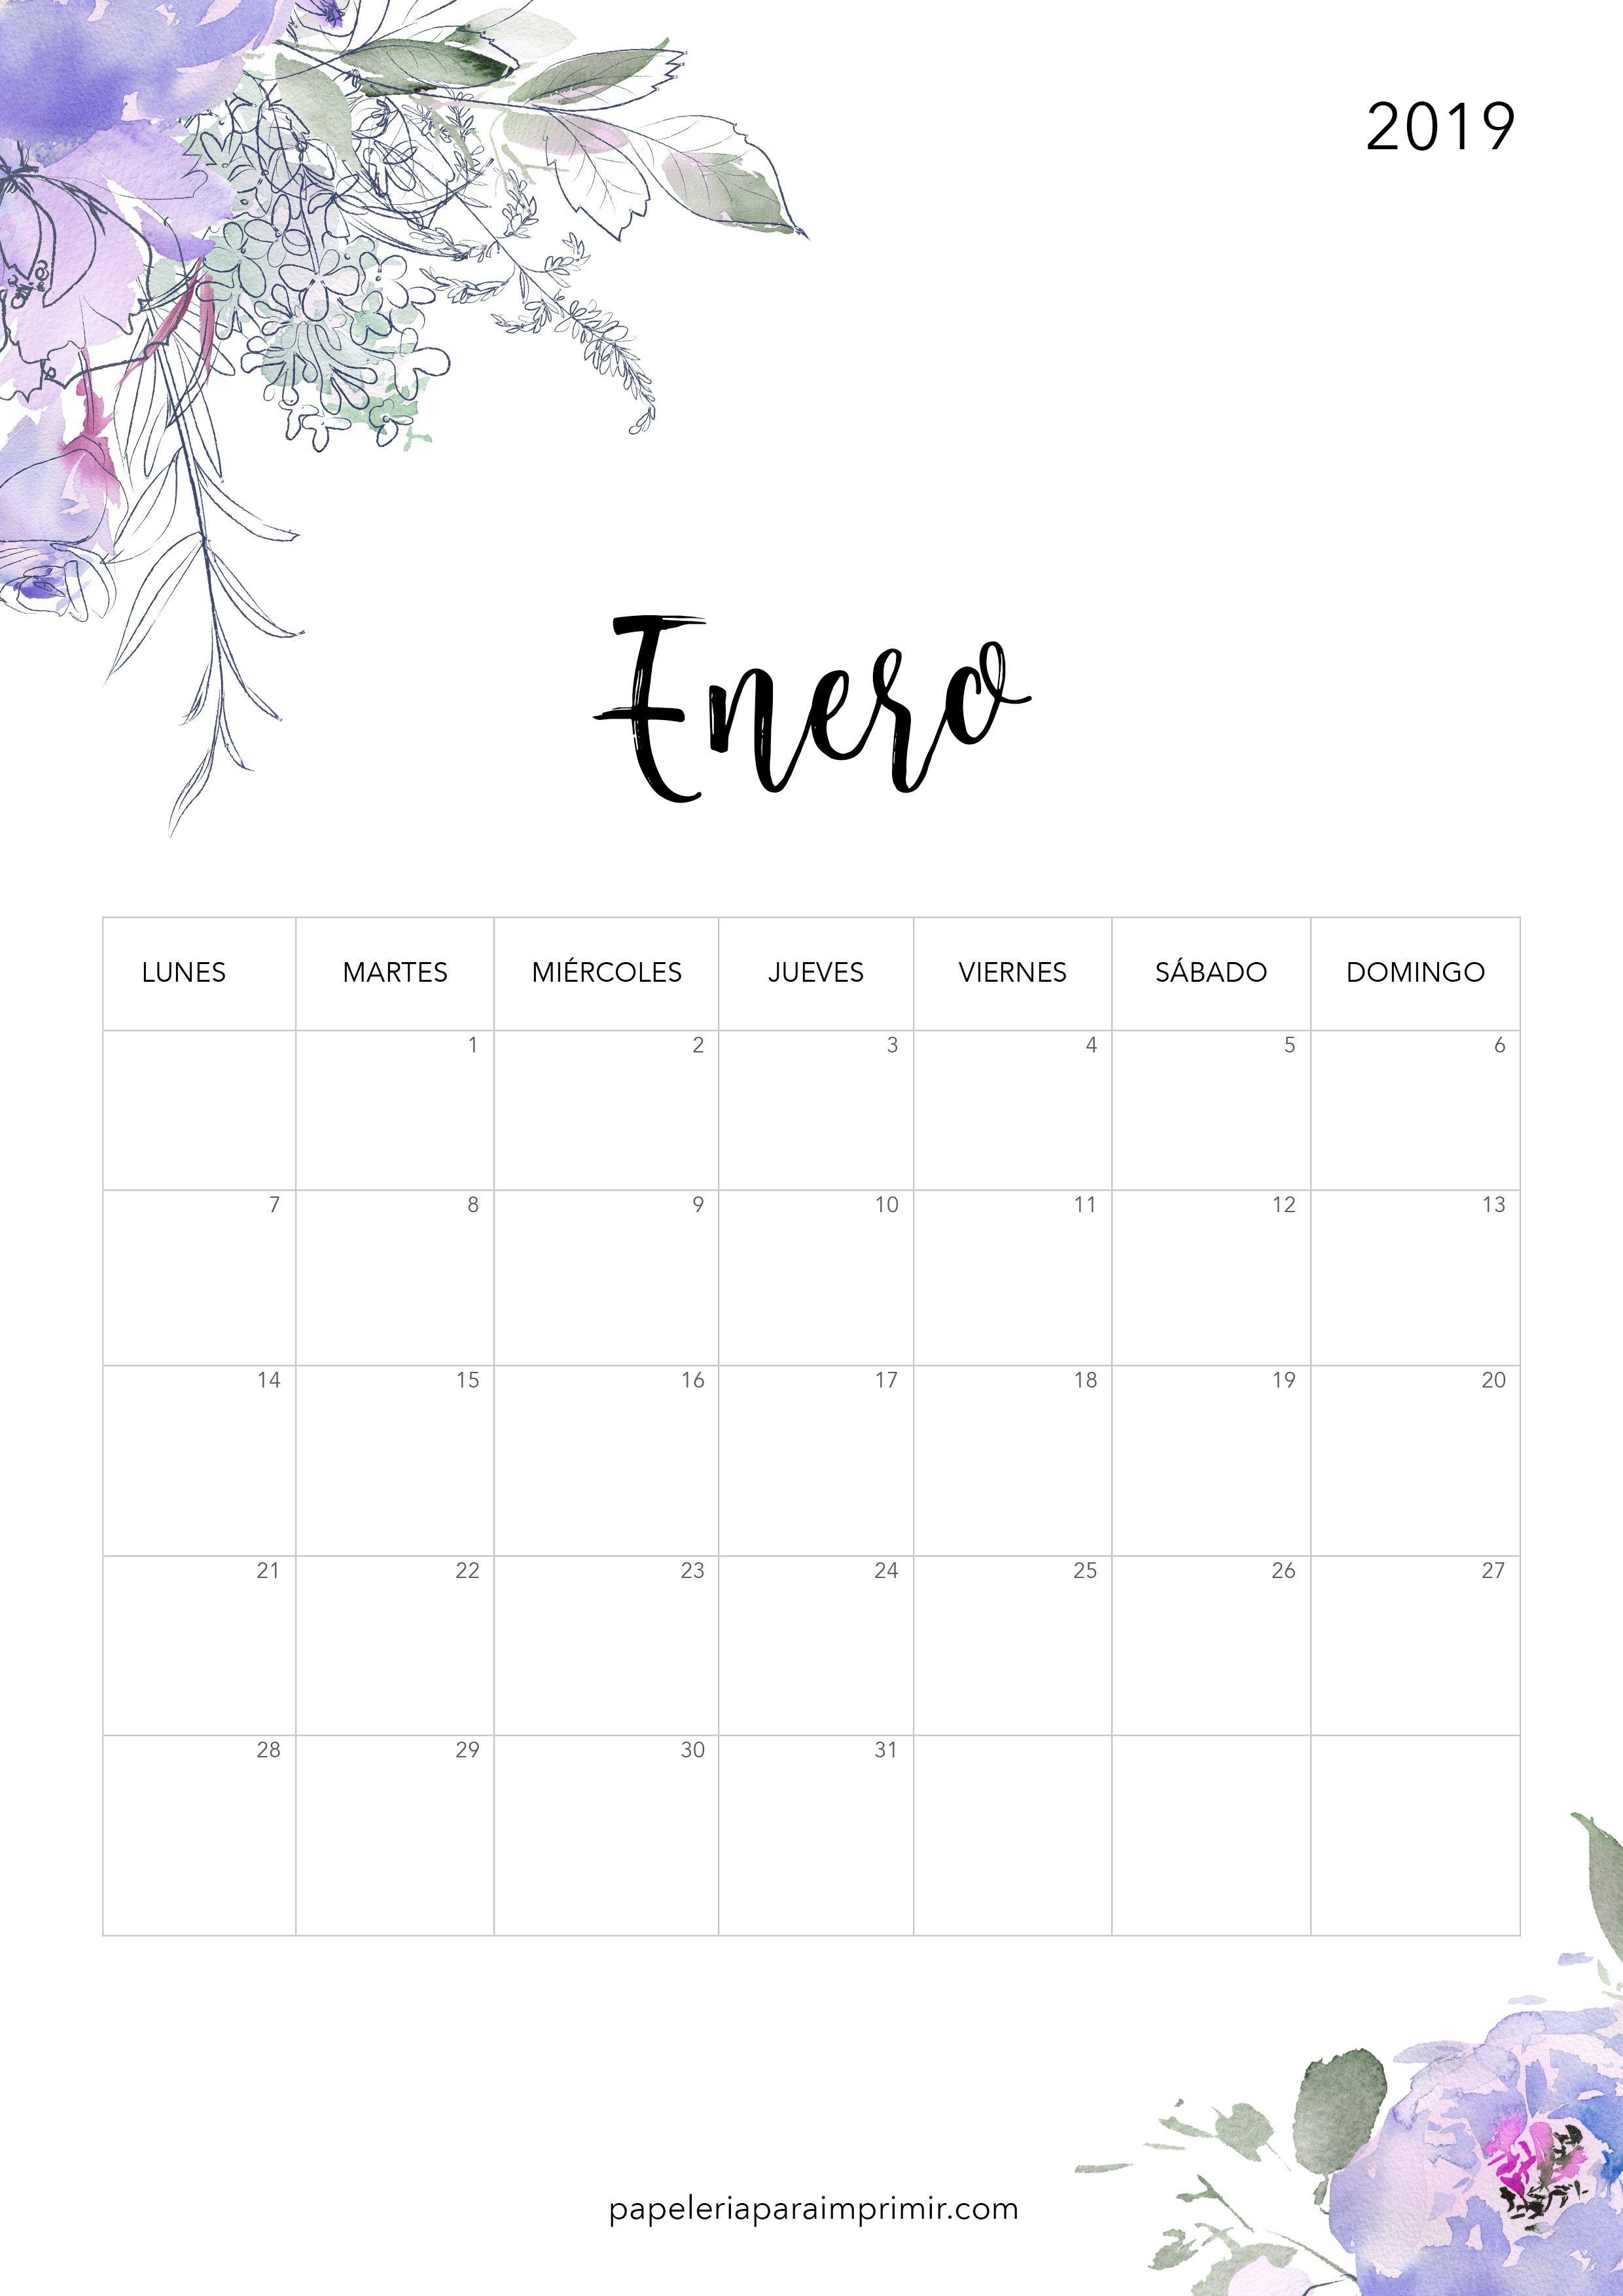 Calendario Mes Febrero 2017 Más Recientes Calendario Para Imprimir 2019 Enero Calendario Imprimir Enero Of Calendario Mes Febrero 2017 Recientes Informacion Calendario 2019 Argentina Para Imprimir Febrero